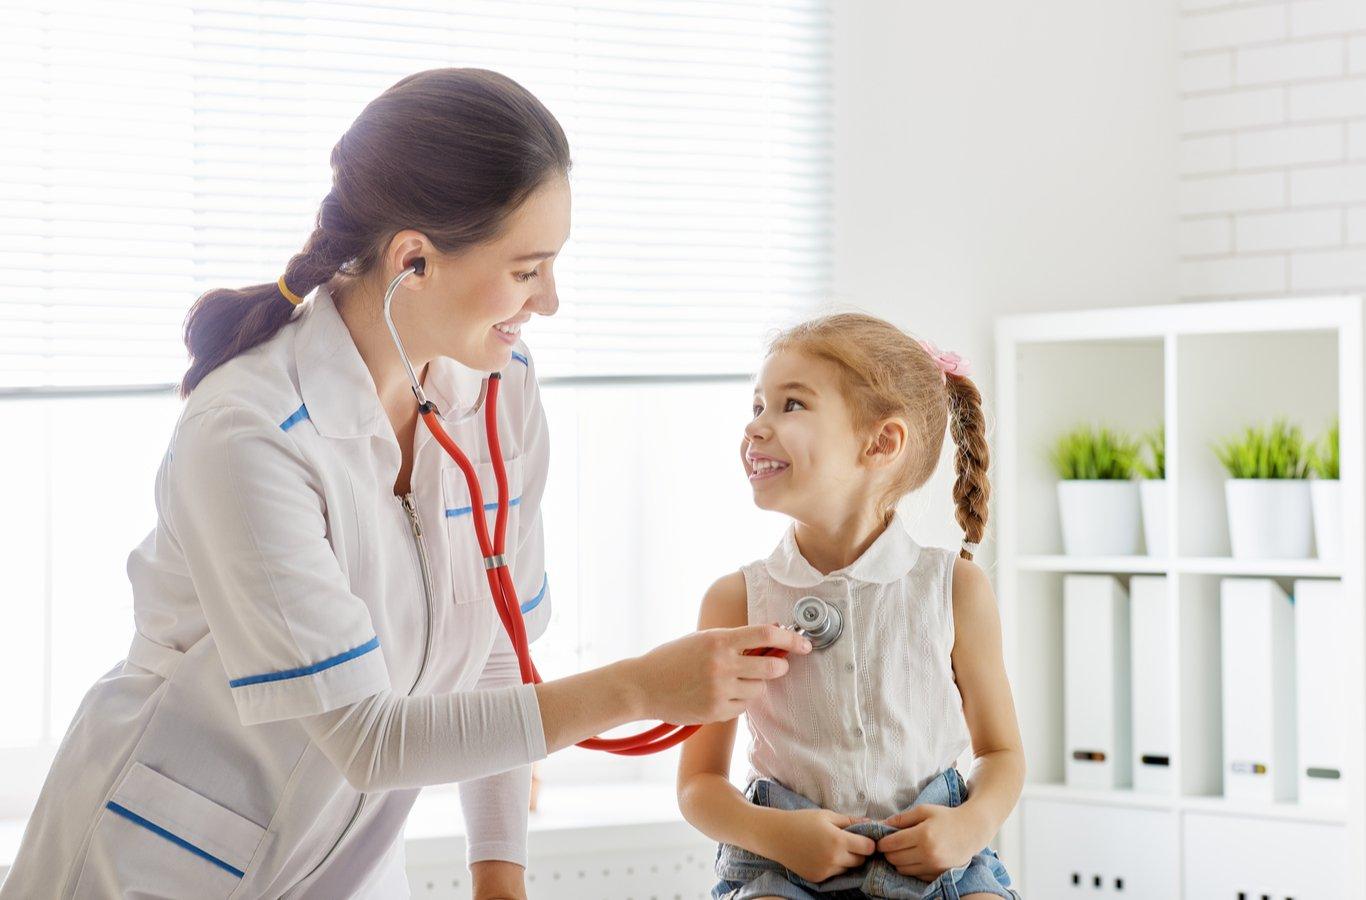 Servicio de médico a domicilio: doctora examinando a niña